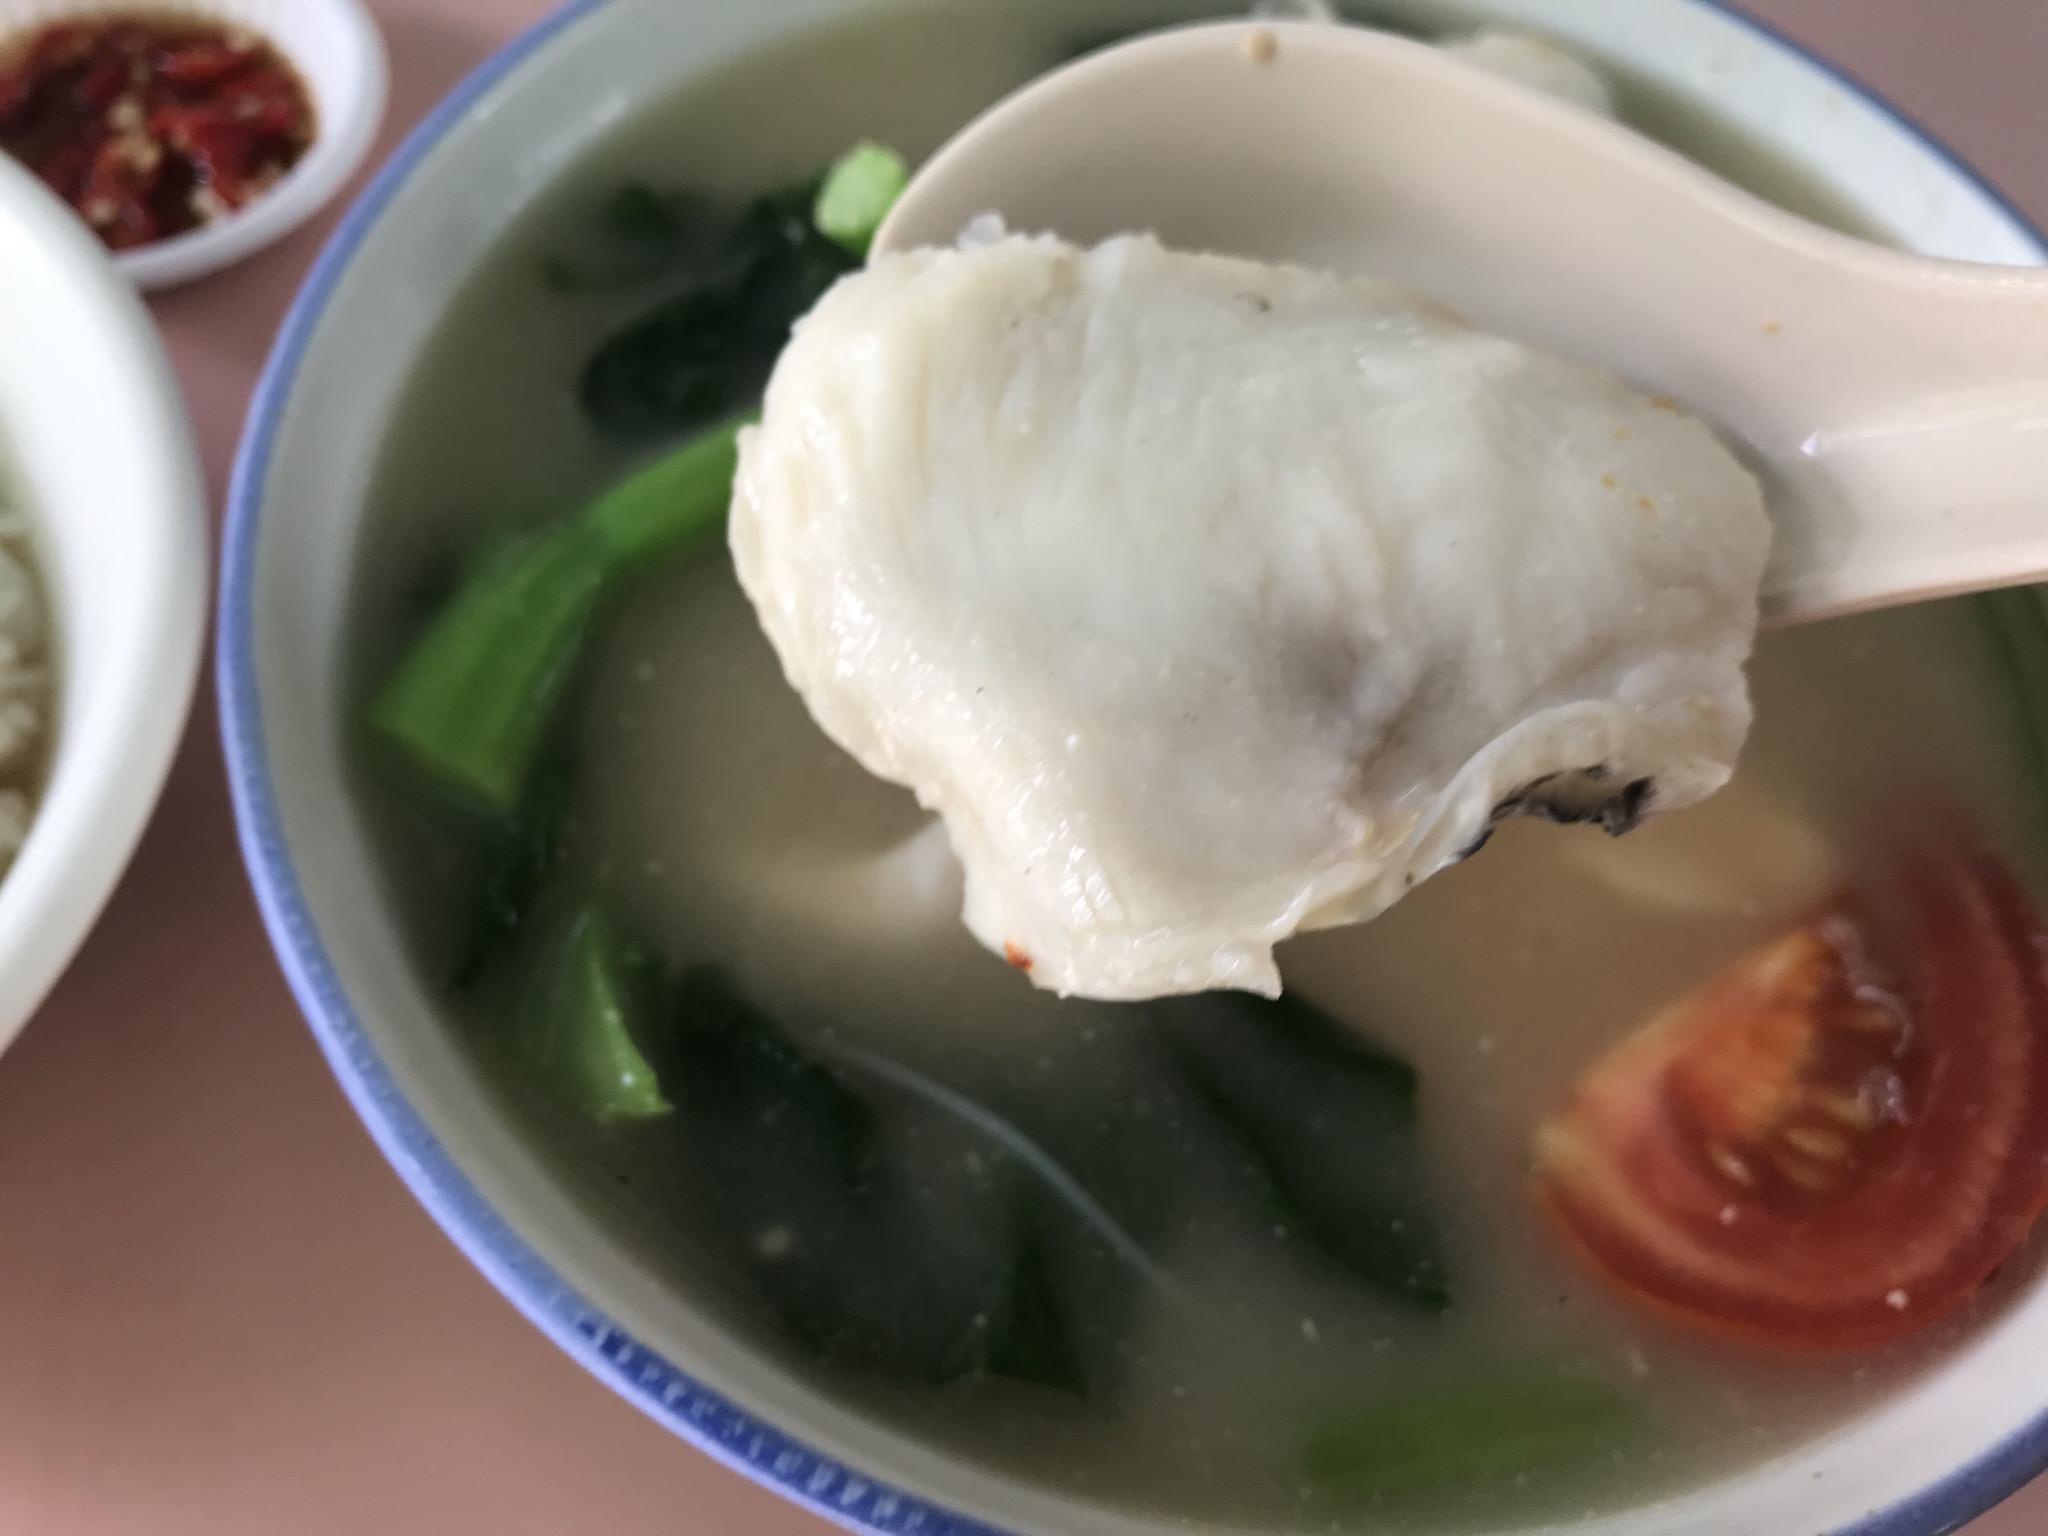 Whampoaでは やはり FishSoup が食べたくなる!_c0212604_826971.jpg